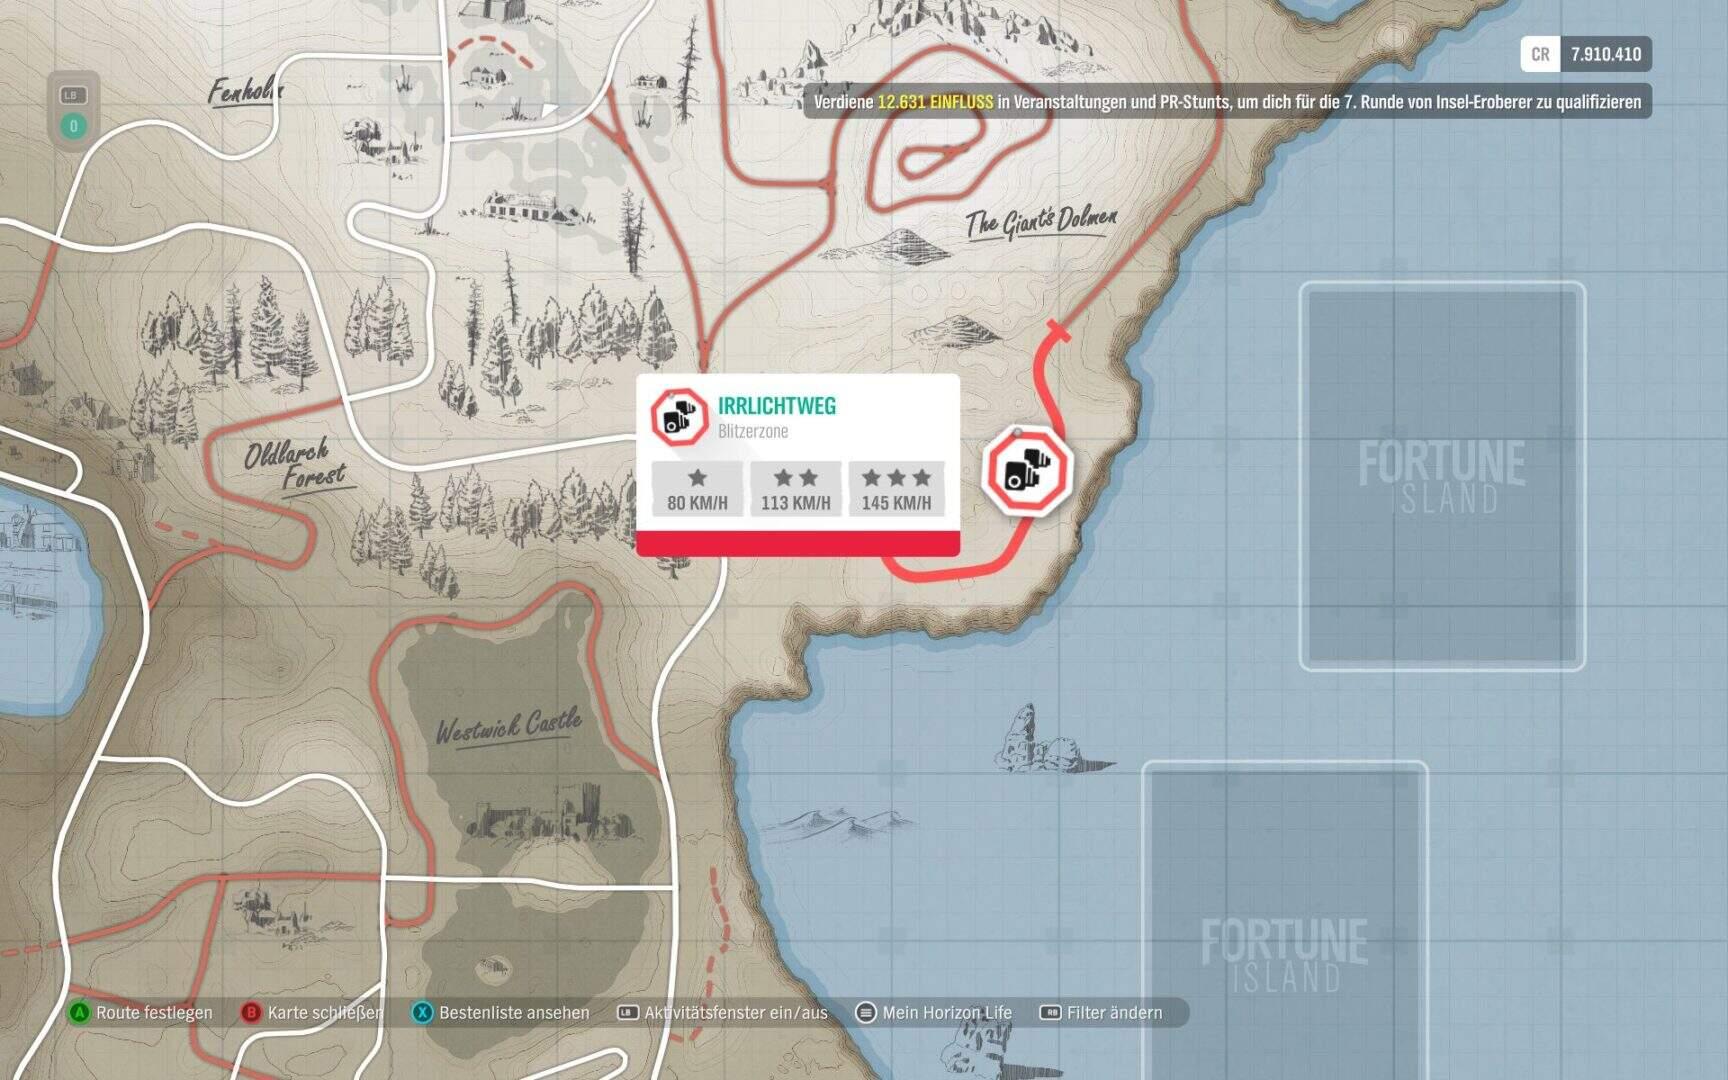 Forza Horizon 4 Fortune Island Irrlichtweg